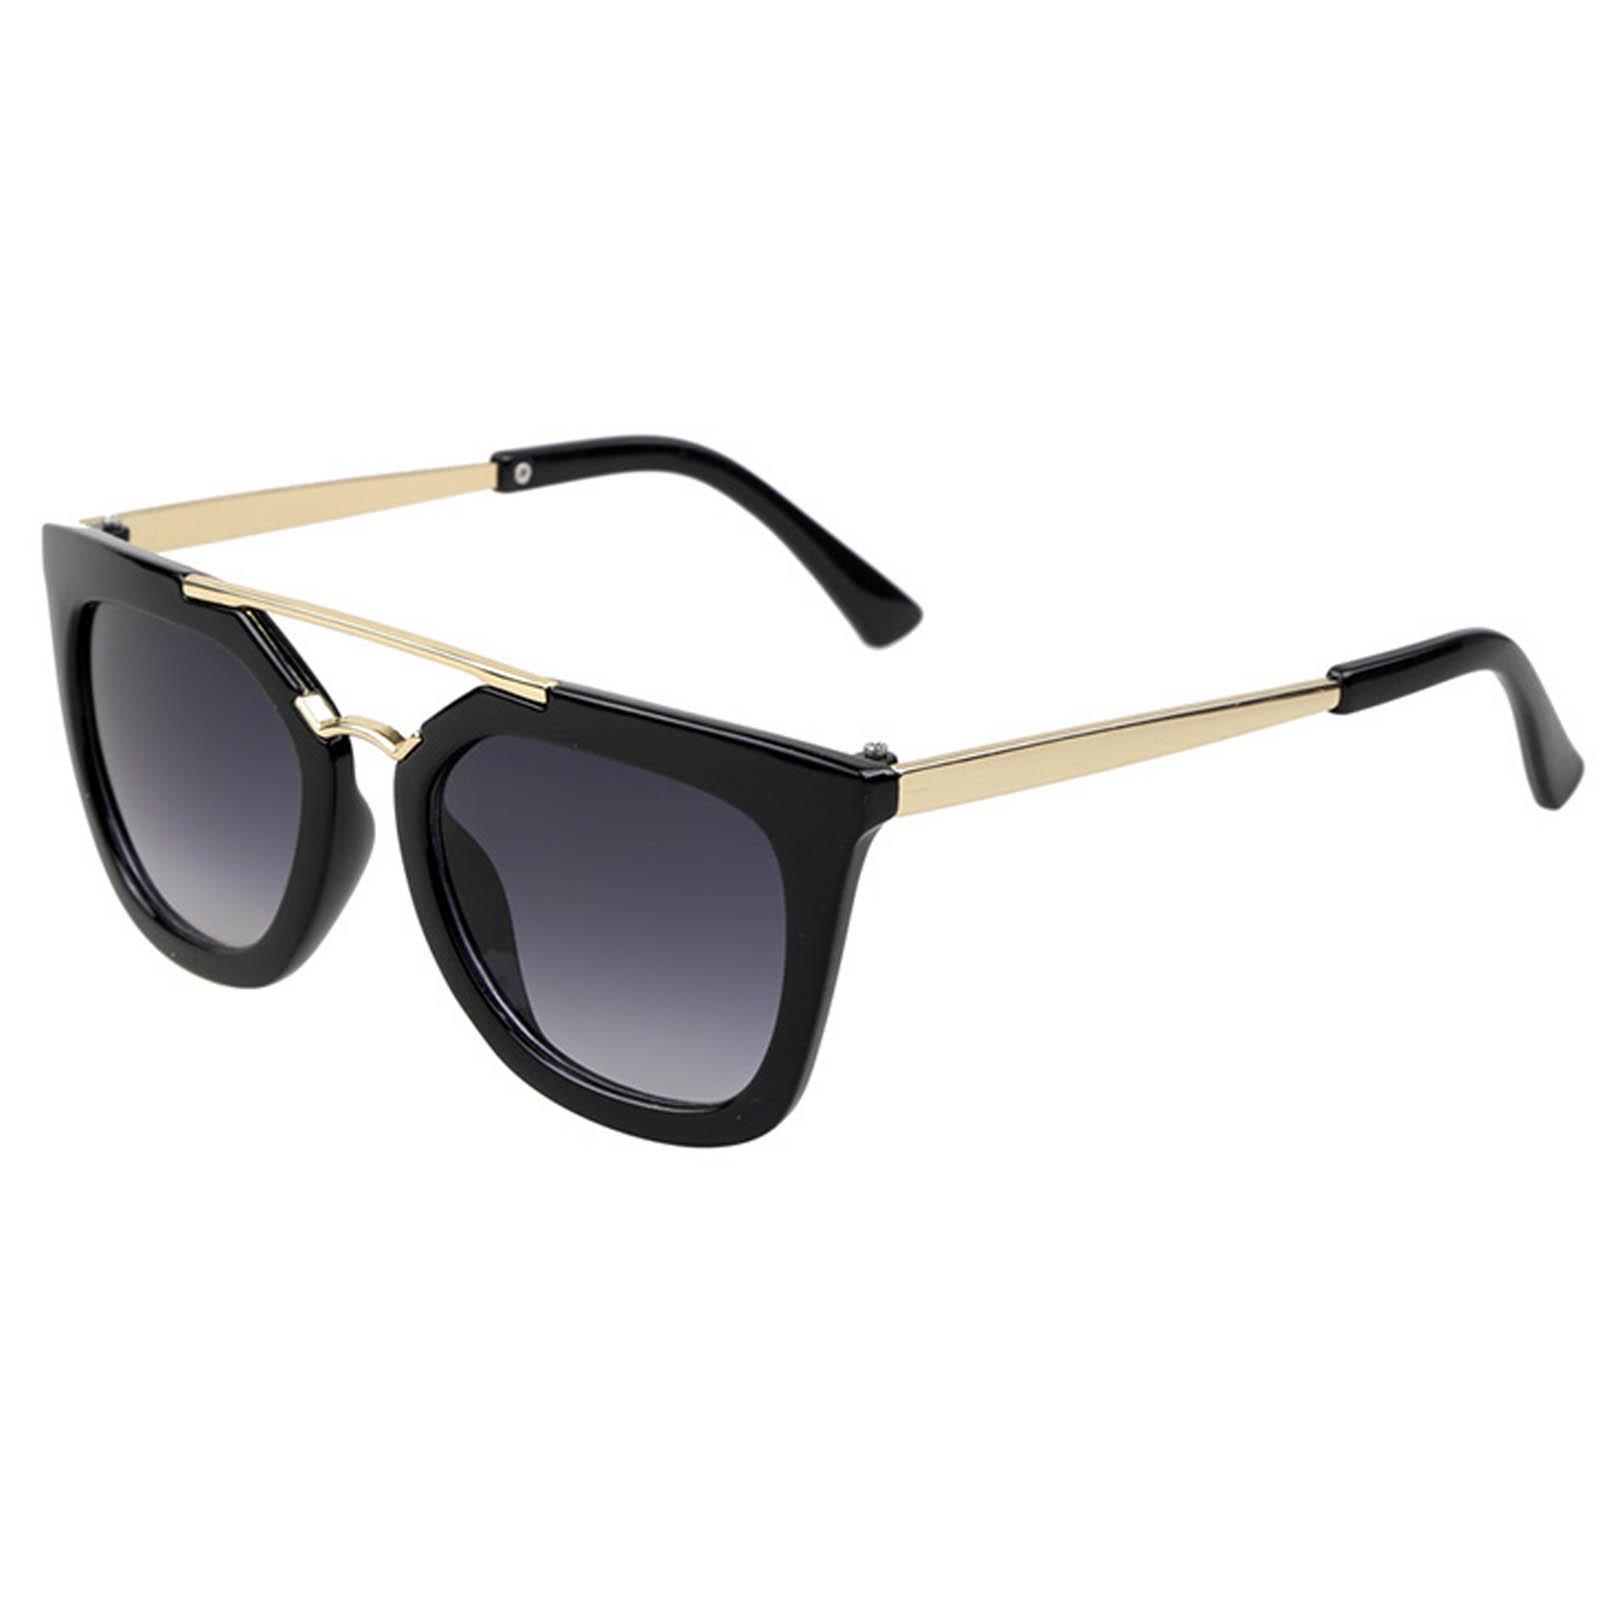 OWL ® 043 C3 Cat Round Eyewear Sunglasses Women's Men's Metal Black Frame Smoke Lens One Pair